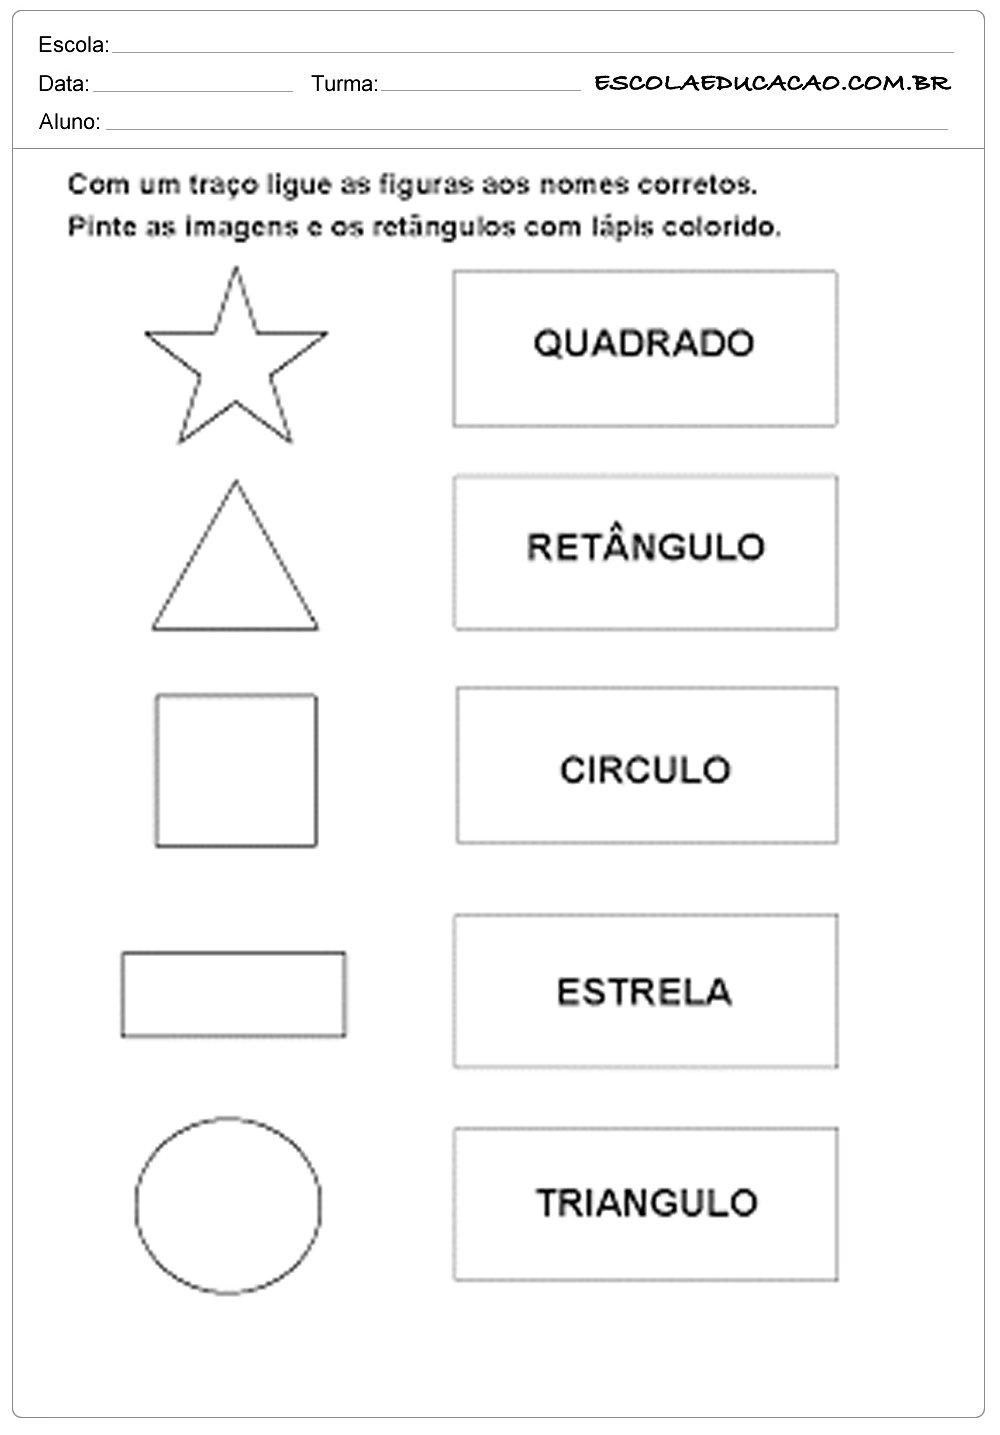 Atividades com formas geométricas ligue as-figuras